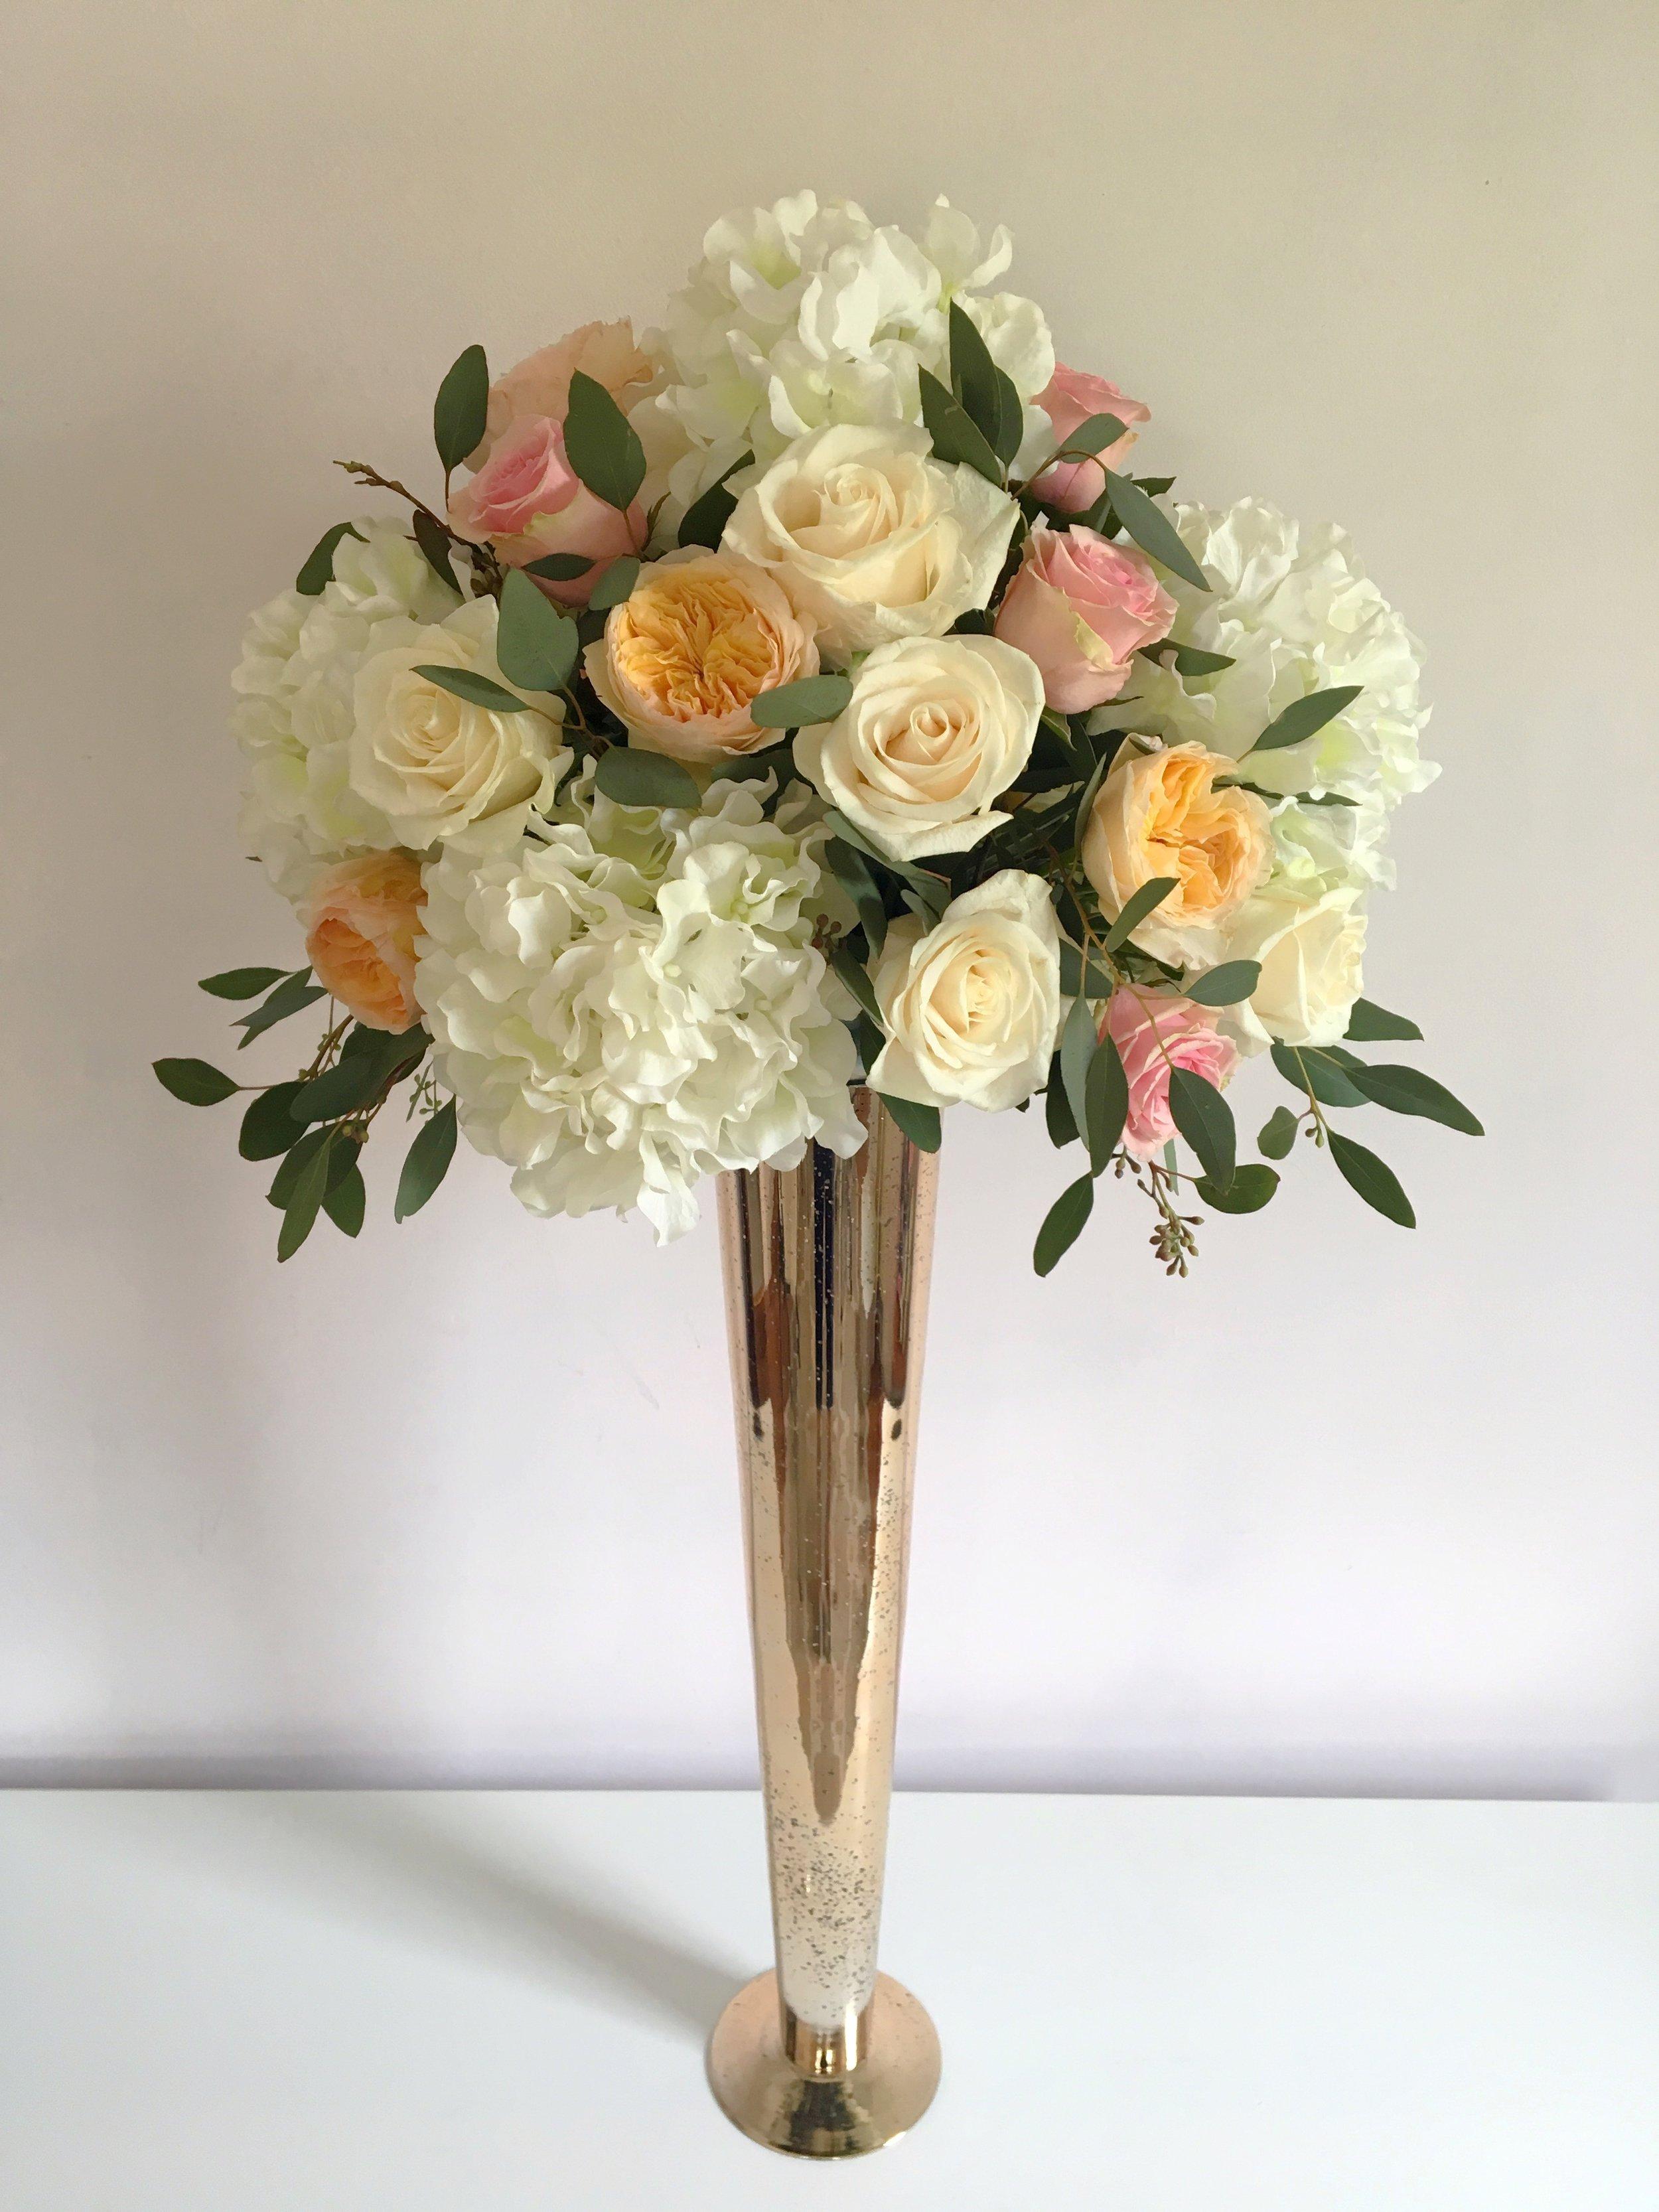 Evelisa Floral & Design: tall vase